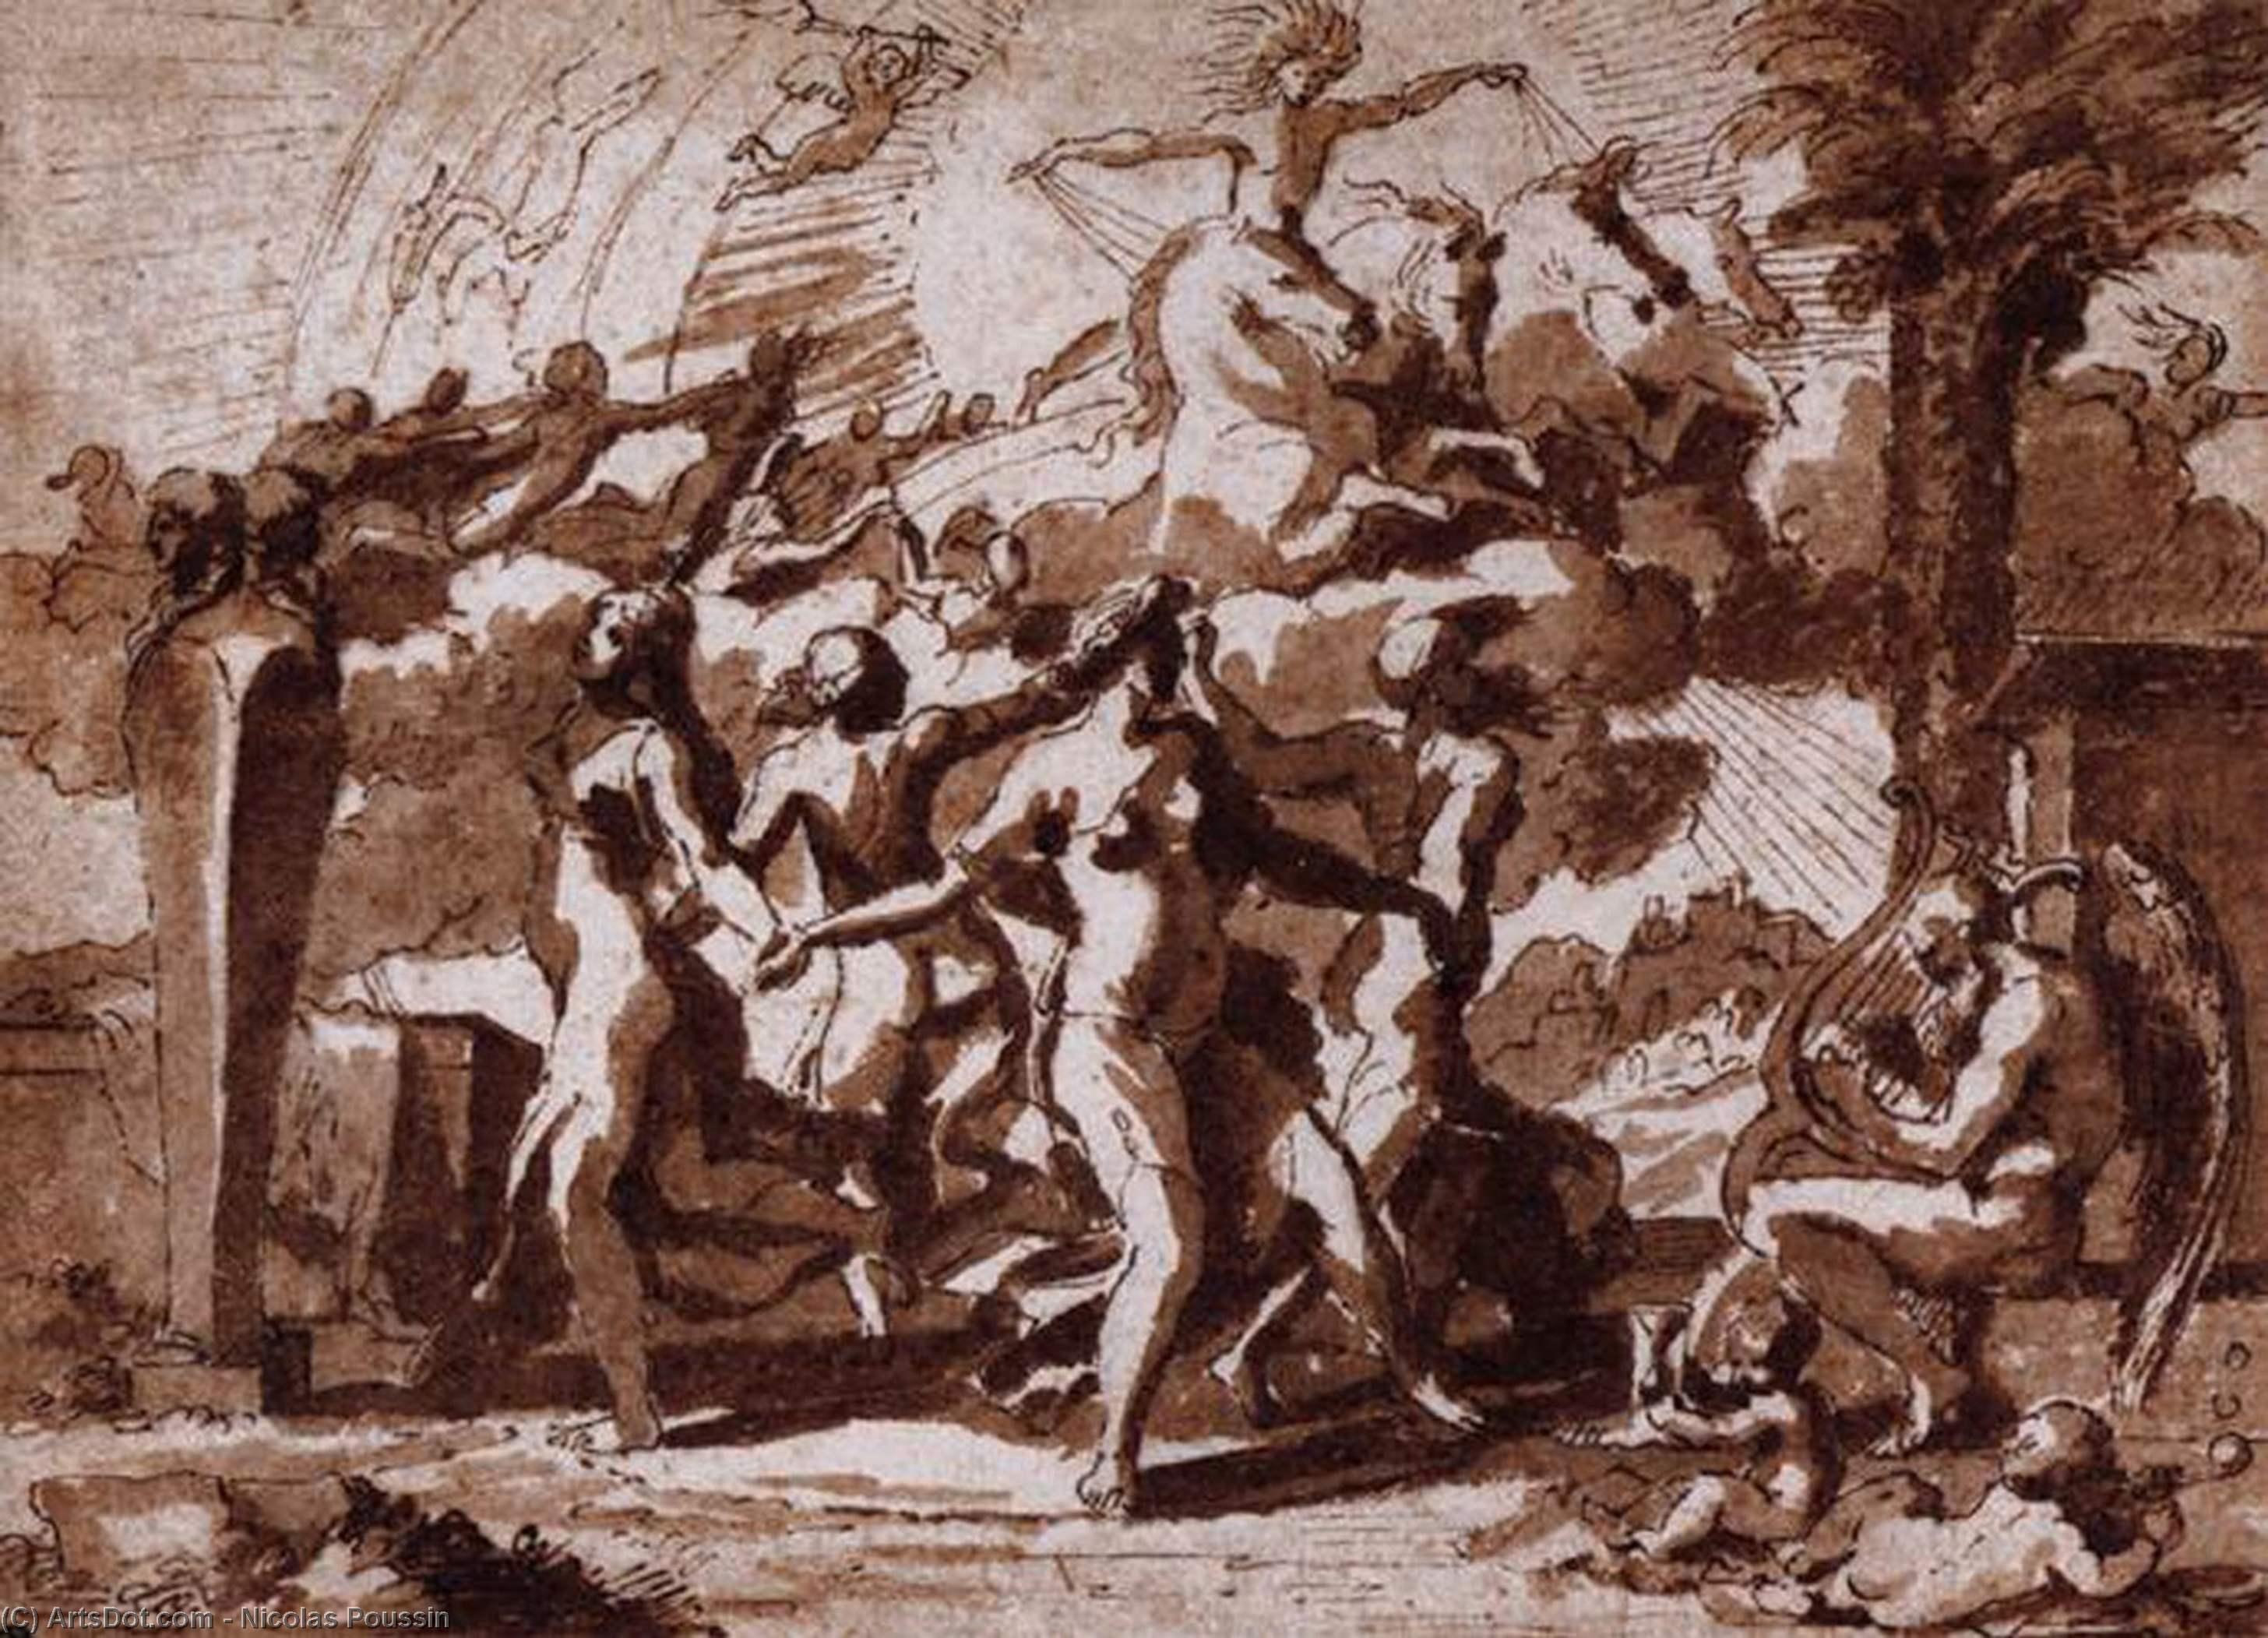 WikiOO.org - Enciclopédia das Belas Artes - Pintura, Arte por Nicolas Poussin - A Dance to the Music of Time